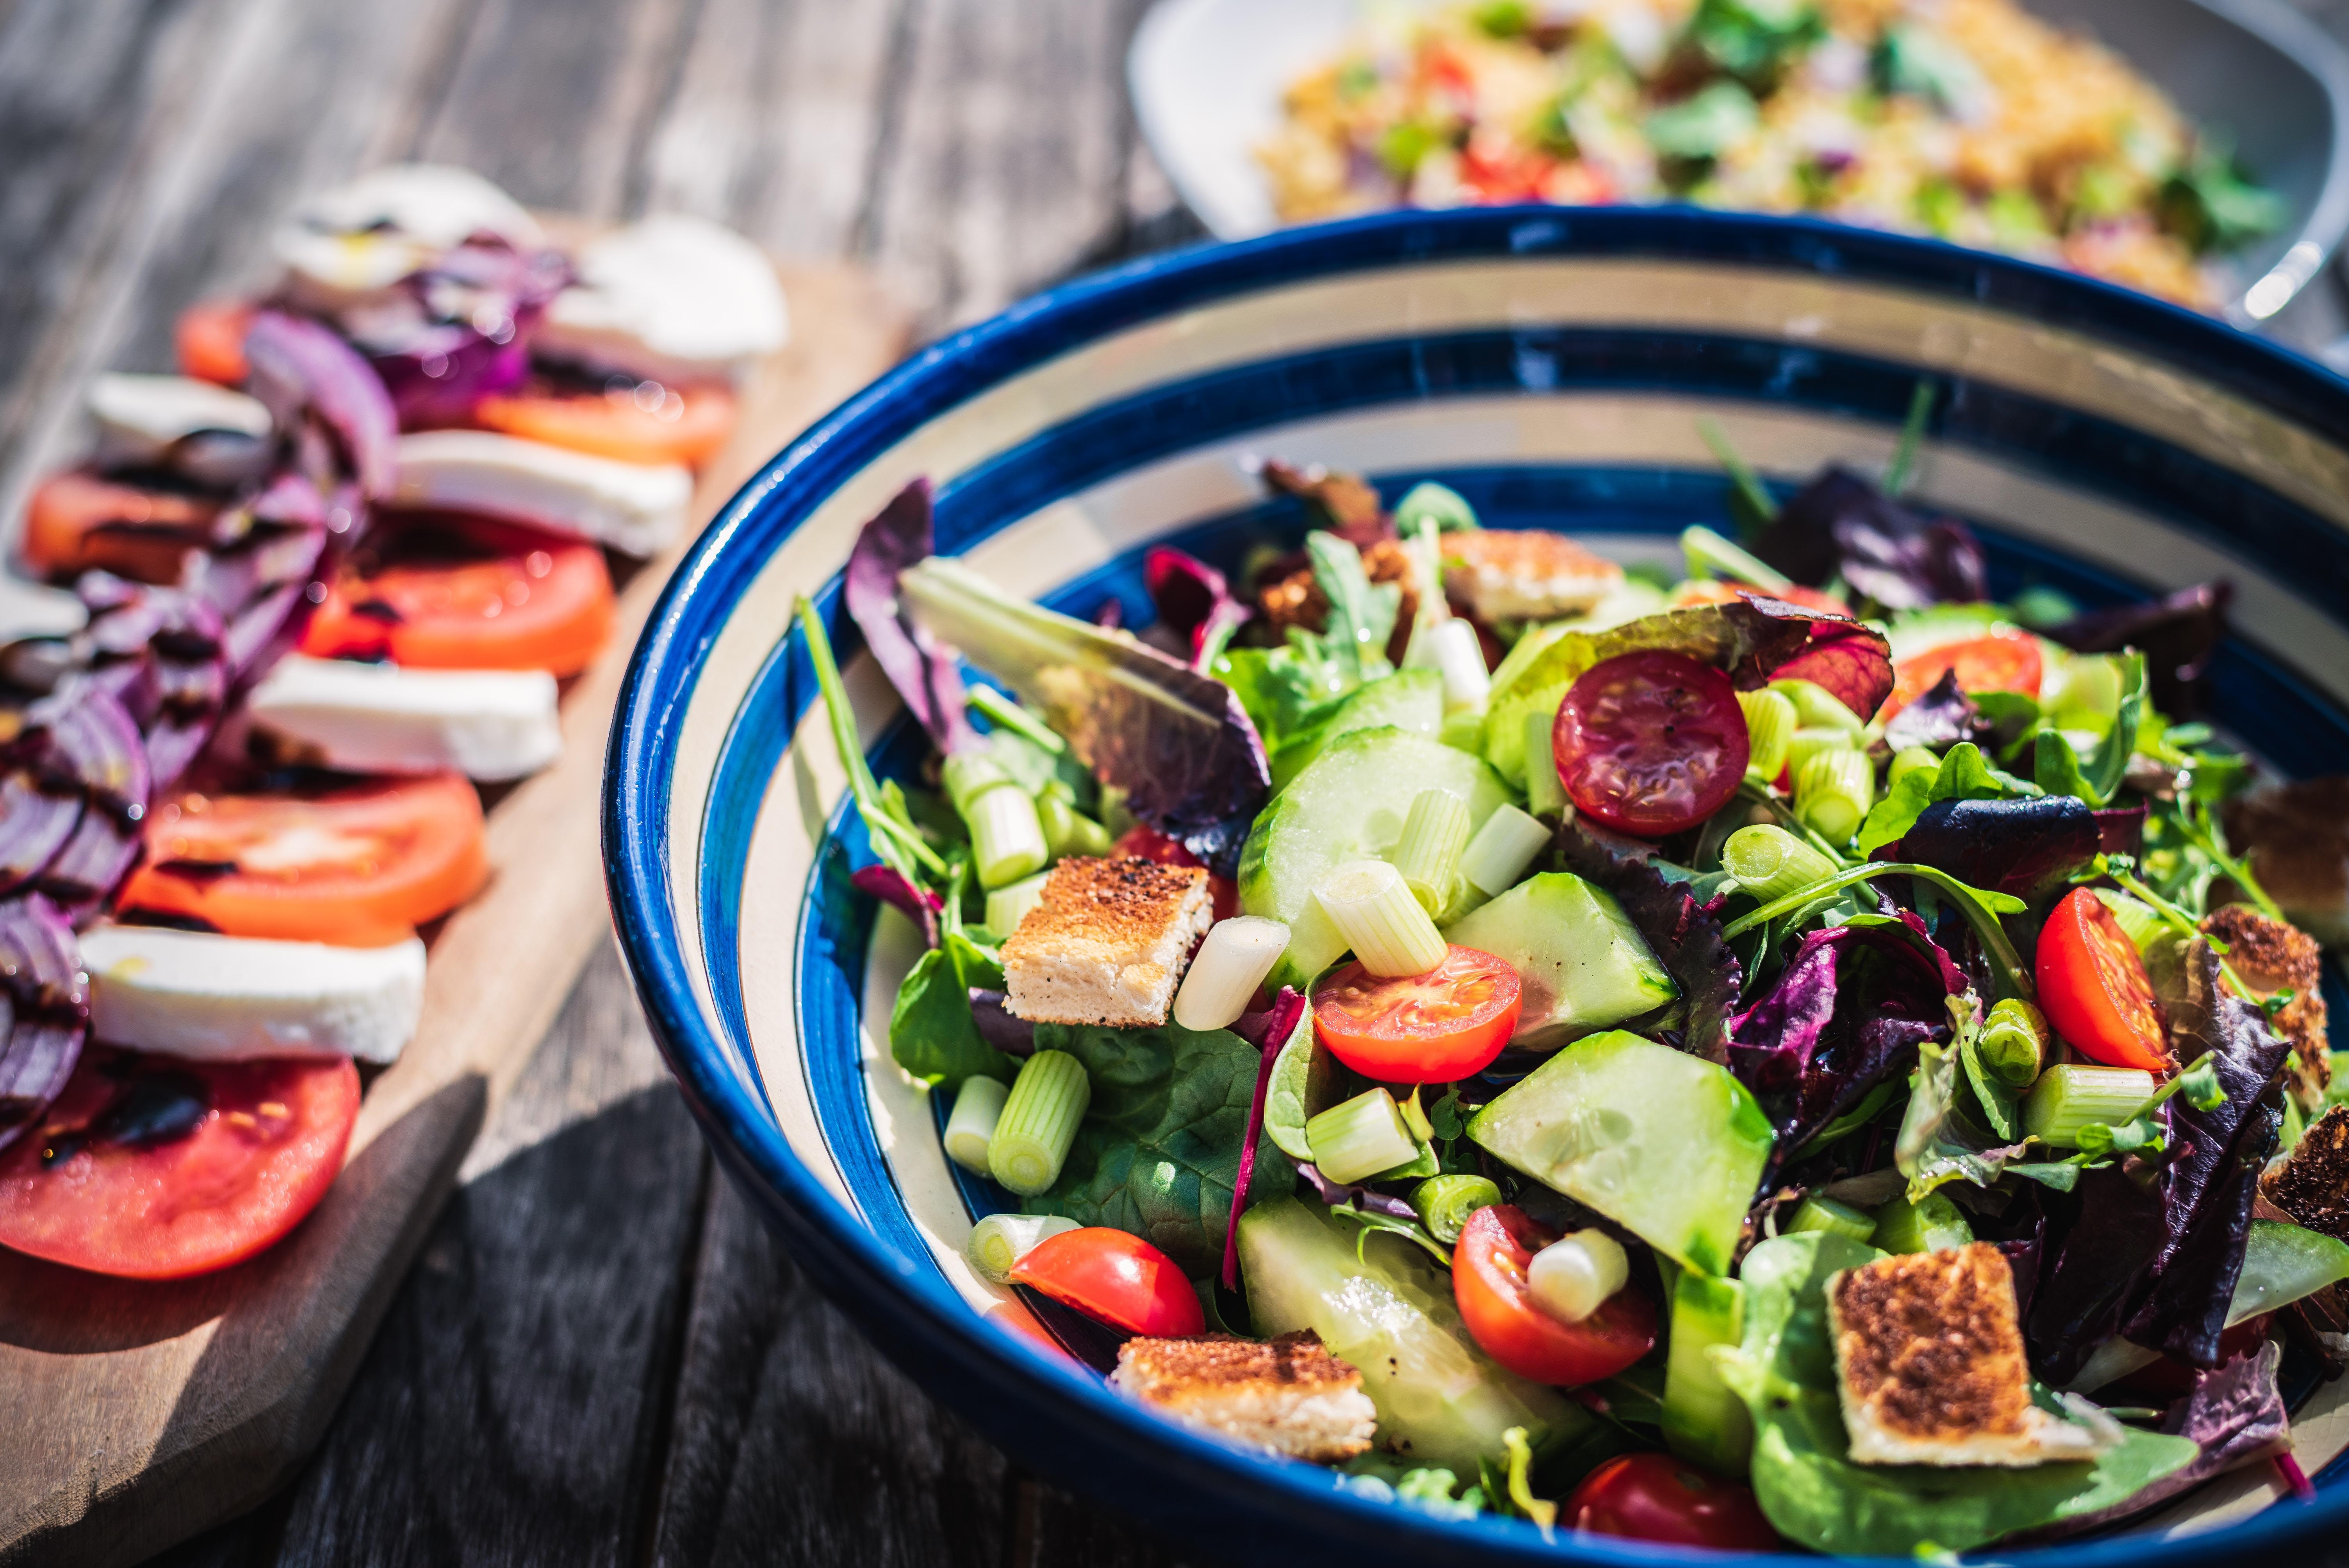 Kroki zdrowego odżywiania pomogą Ci zadbać w codziennym życiu o lepsze zdrowie i sampoczucie